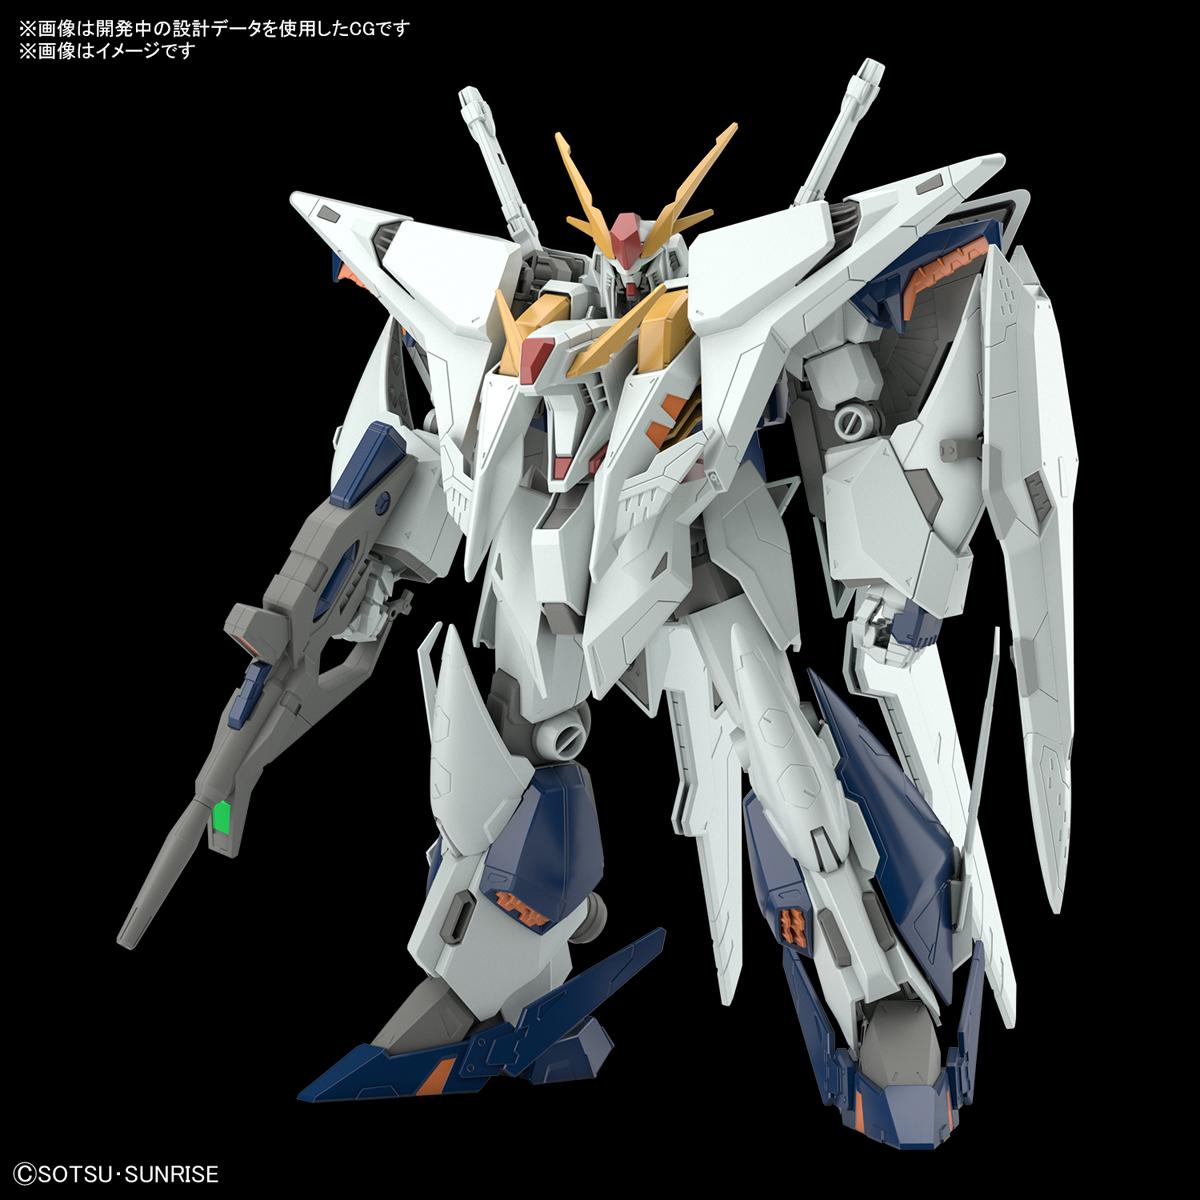 HGUC 1/144『Ξガンダム(クスィーガンダム)』機動戦士ガンダム 閃光のハサウェイ プラモデル-001